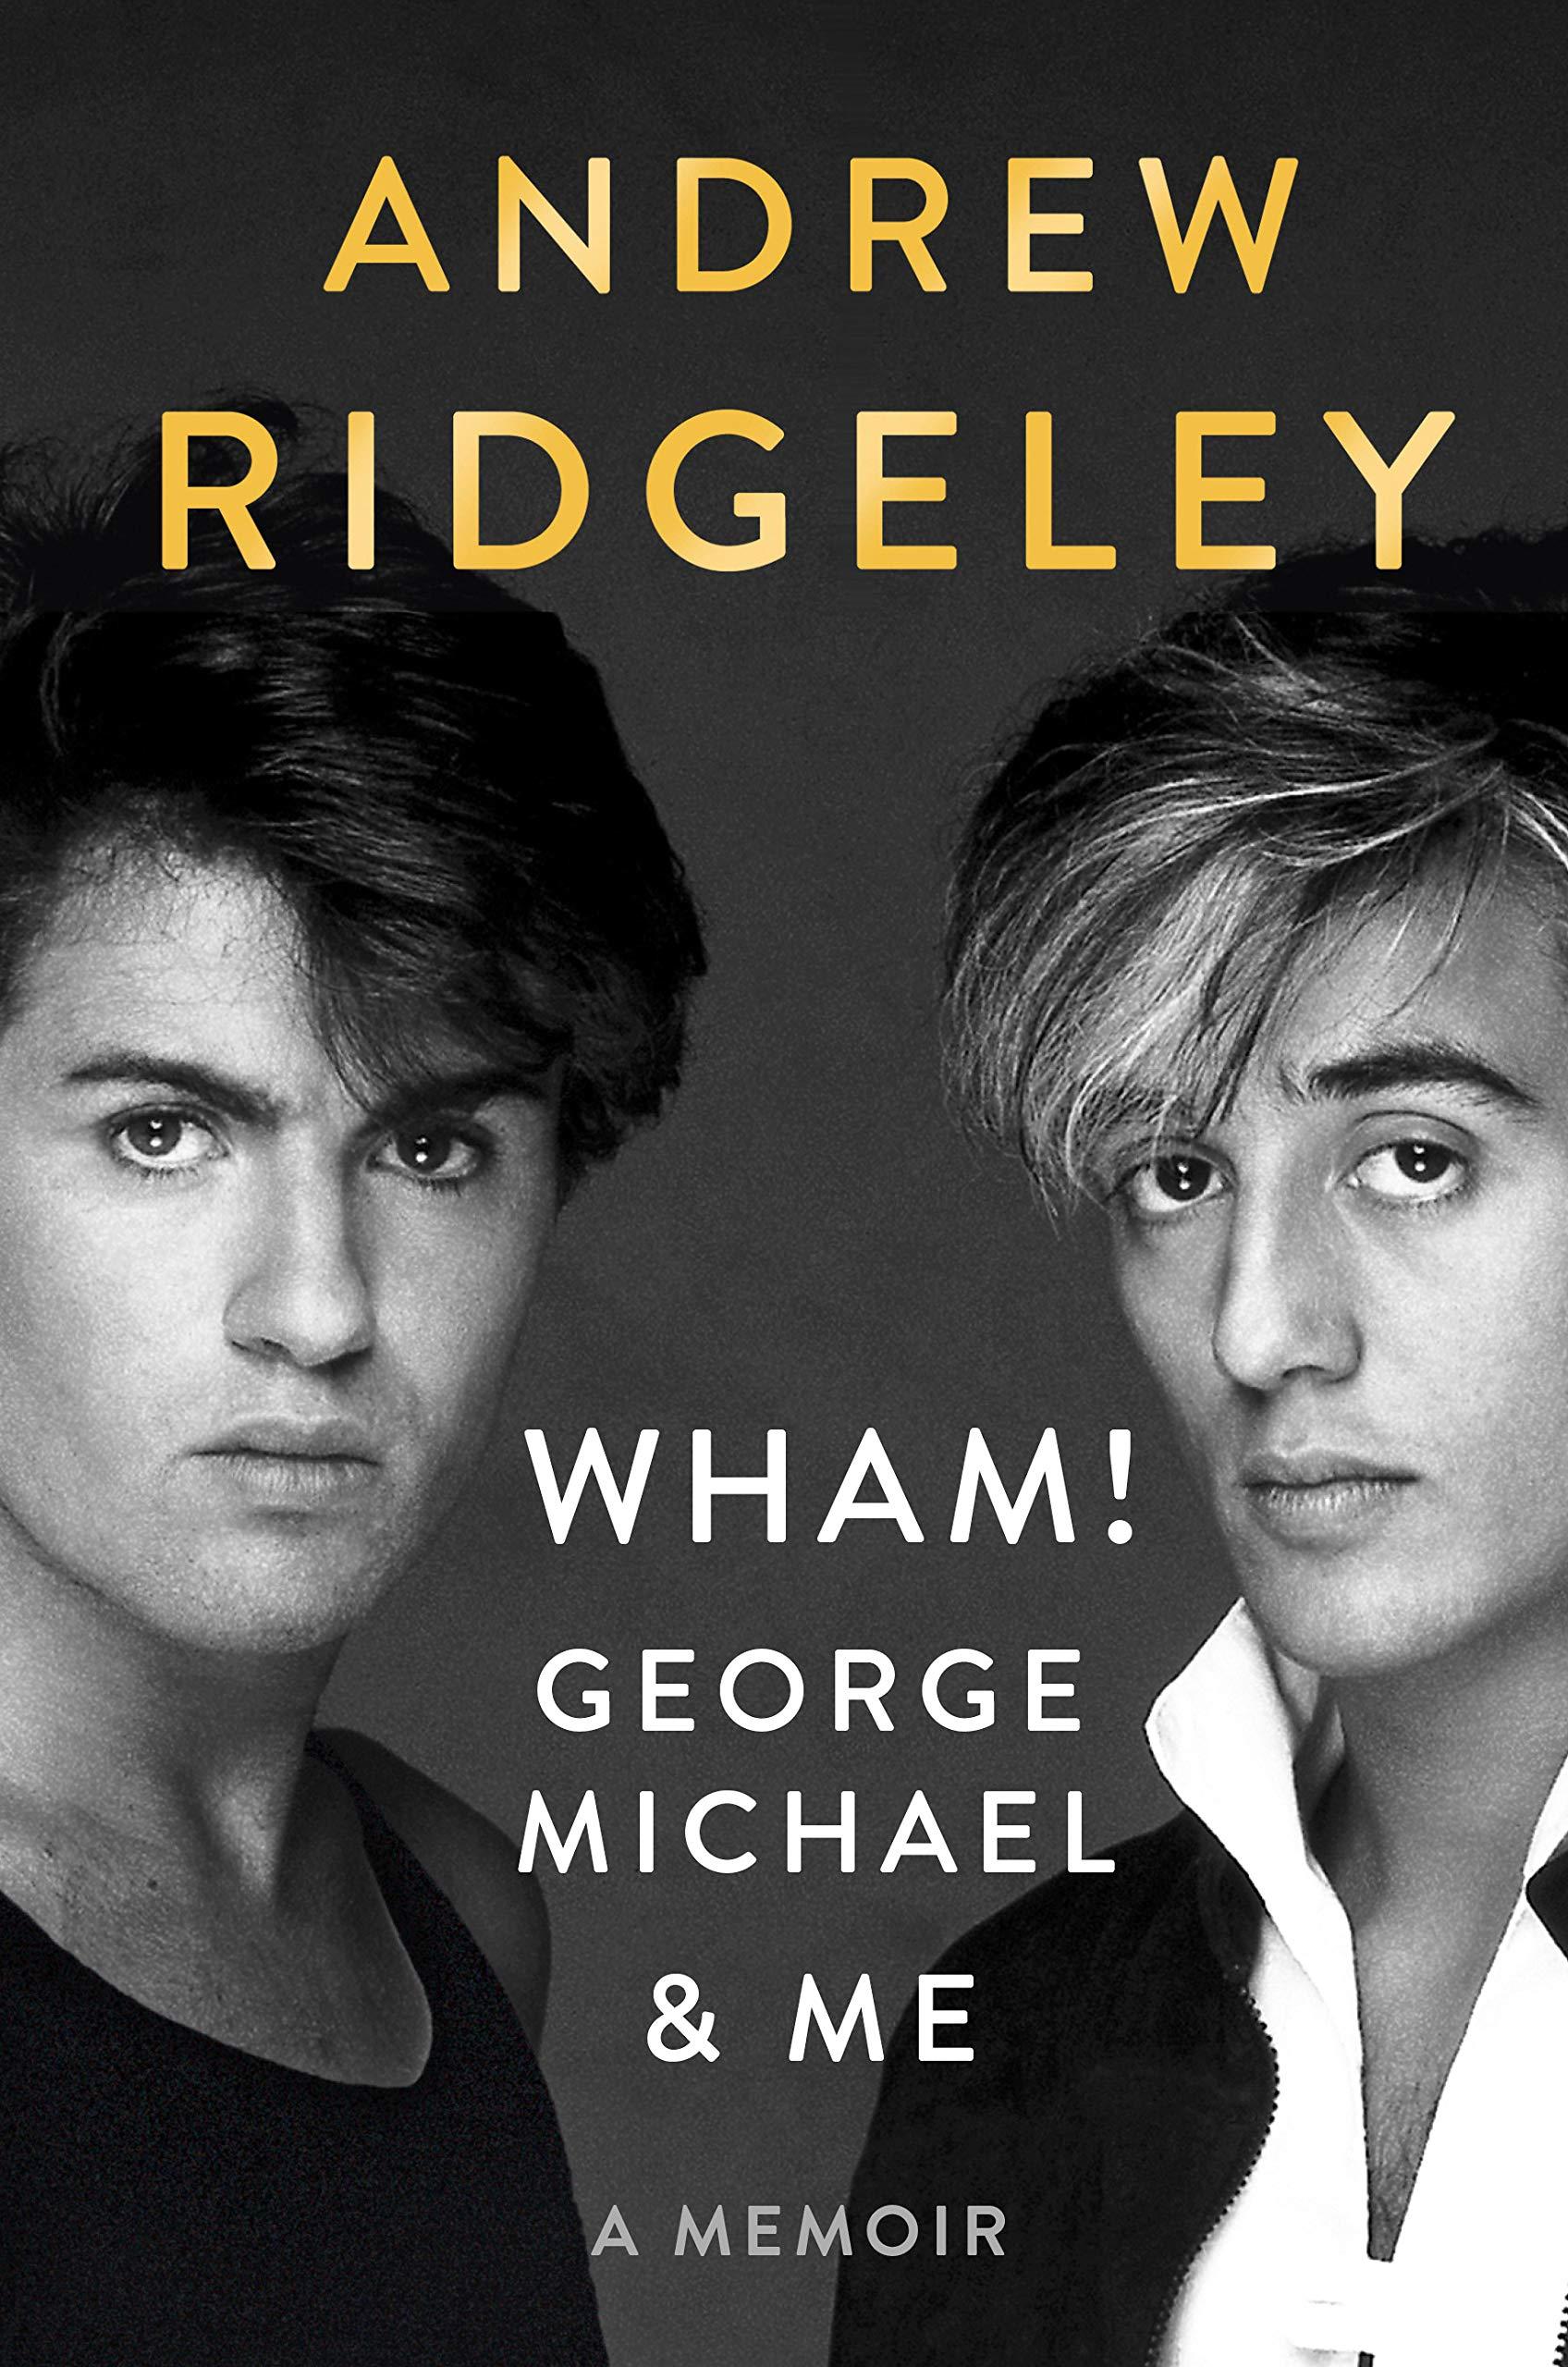 Wham!, George Michael and Me: A Memoir by Dutton